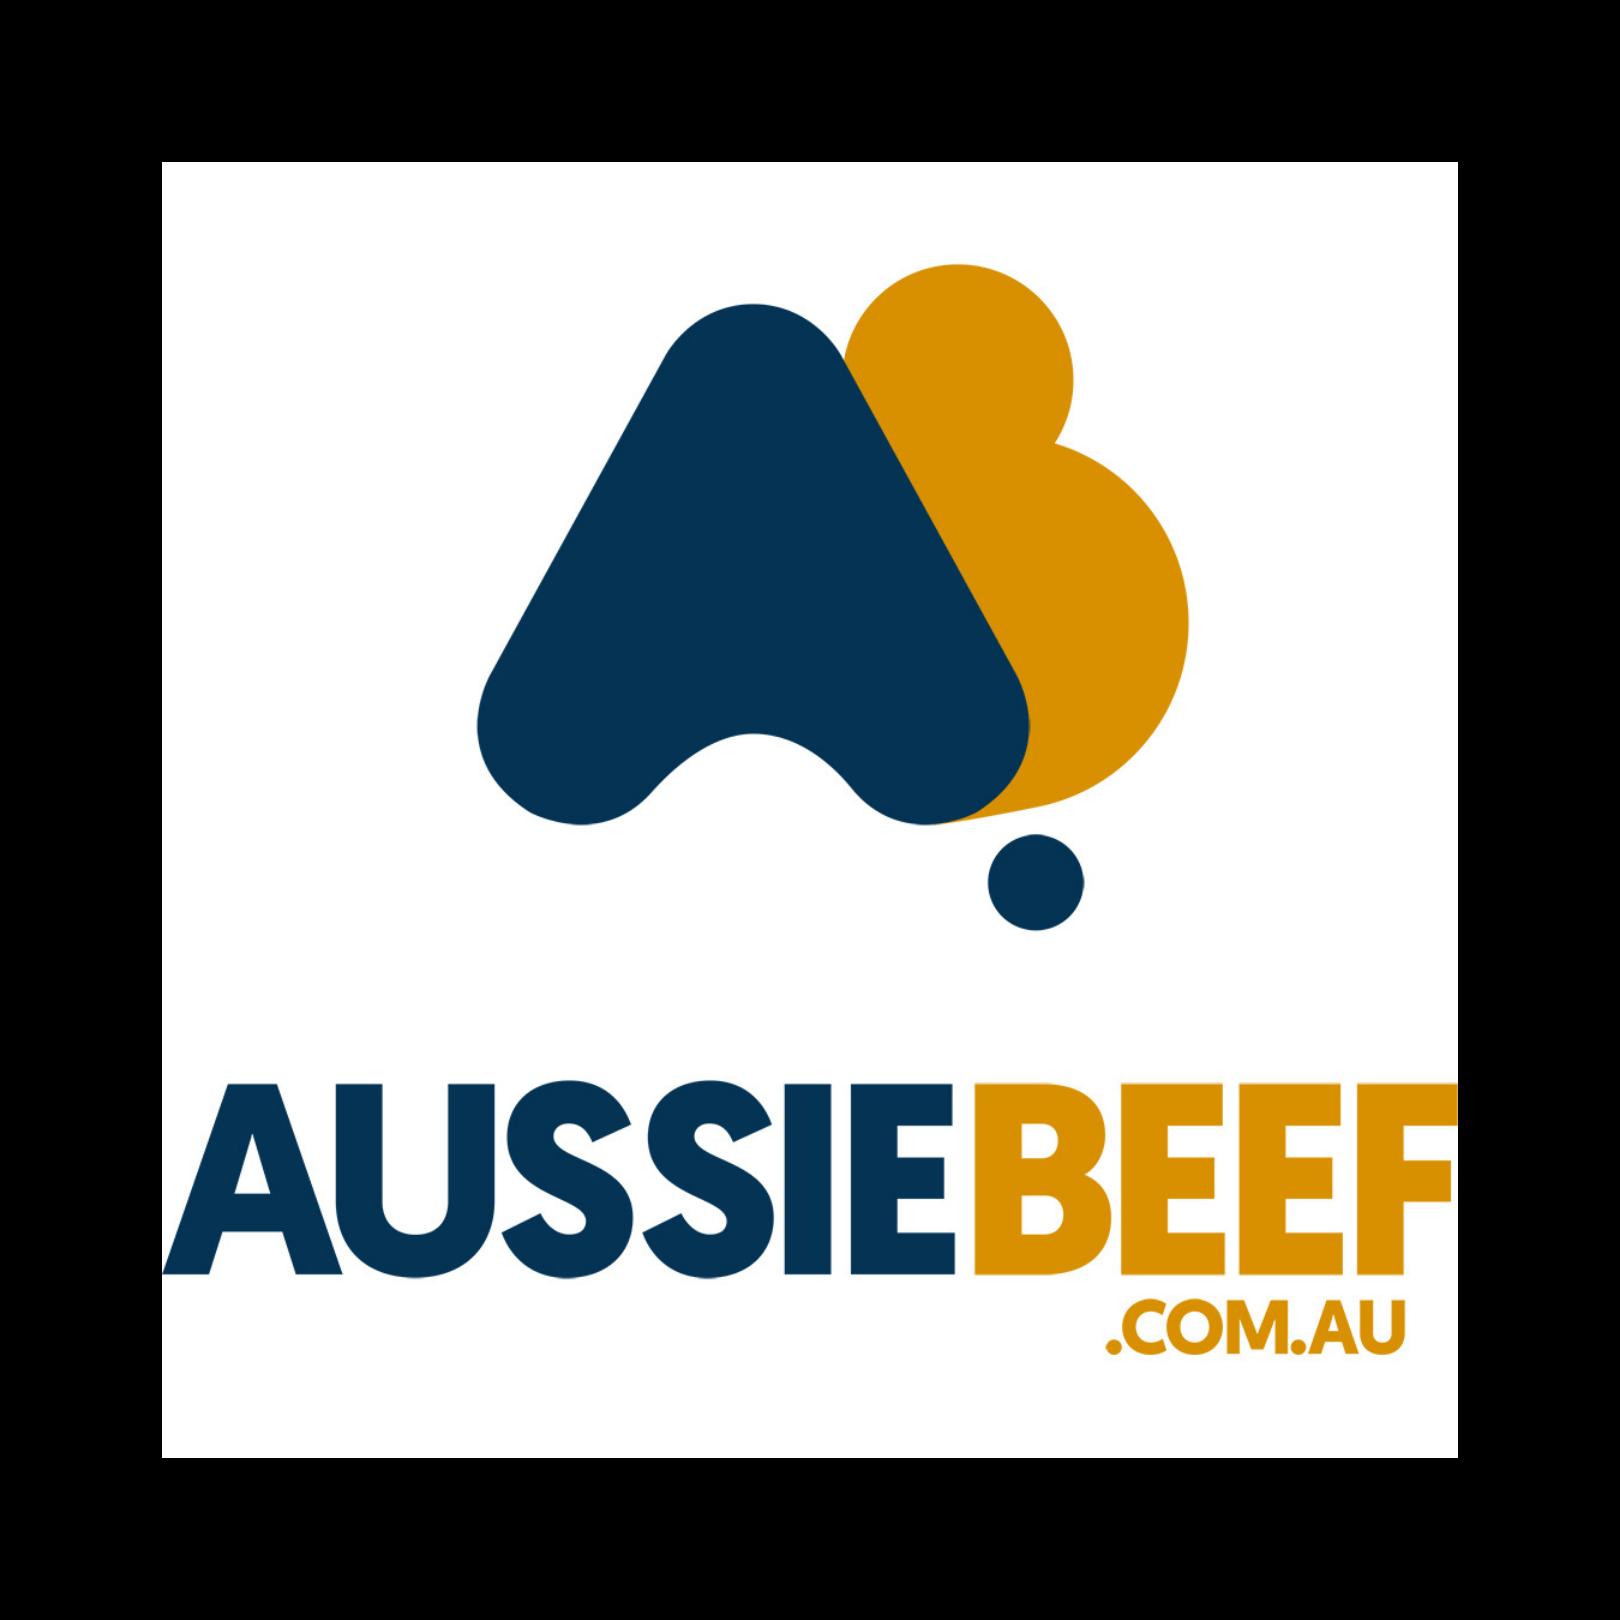 Aussie Beef